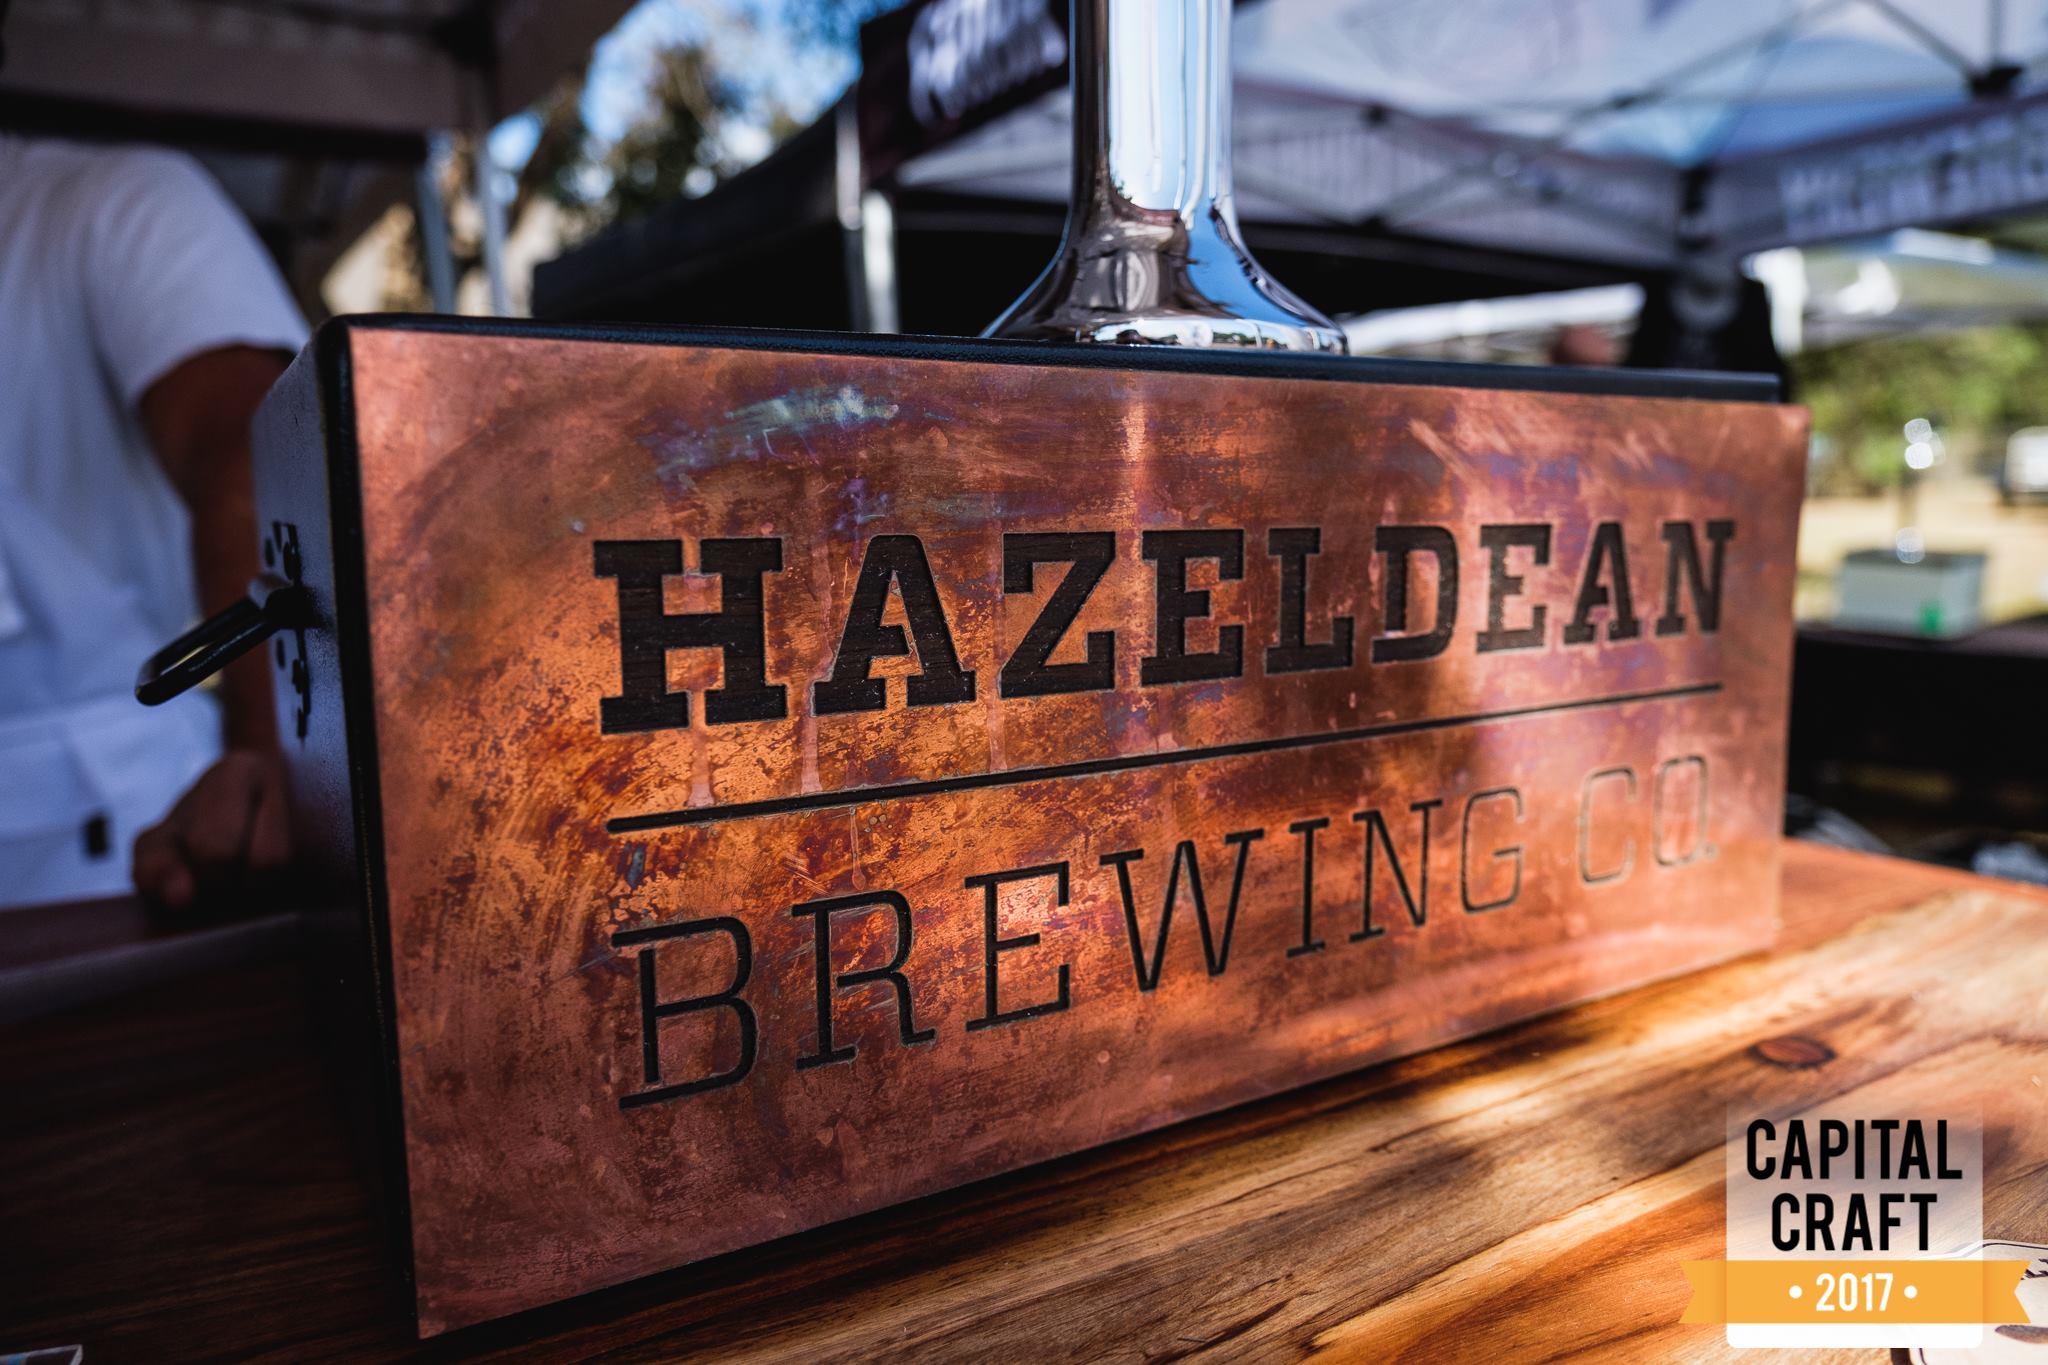 hazeldean brewery